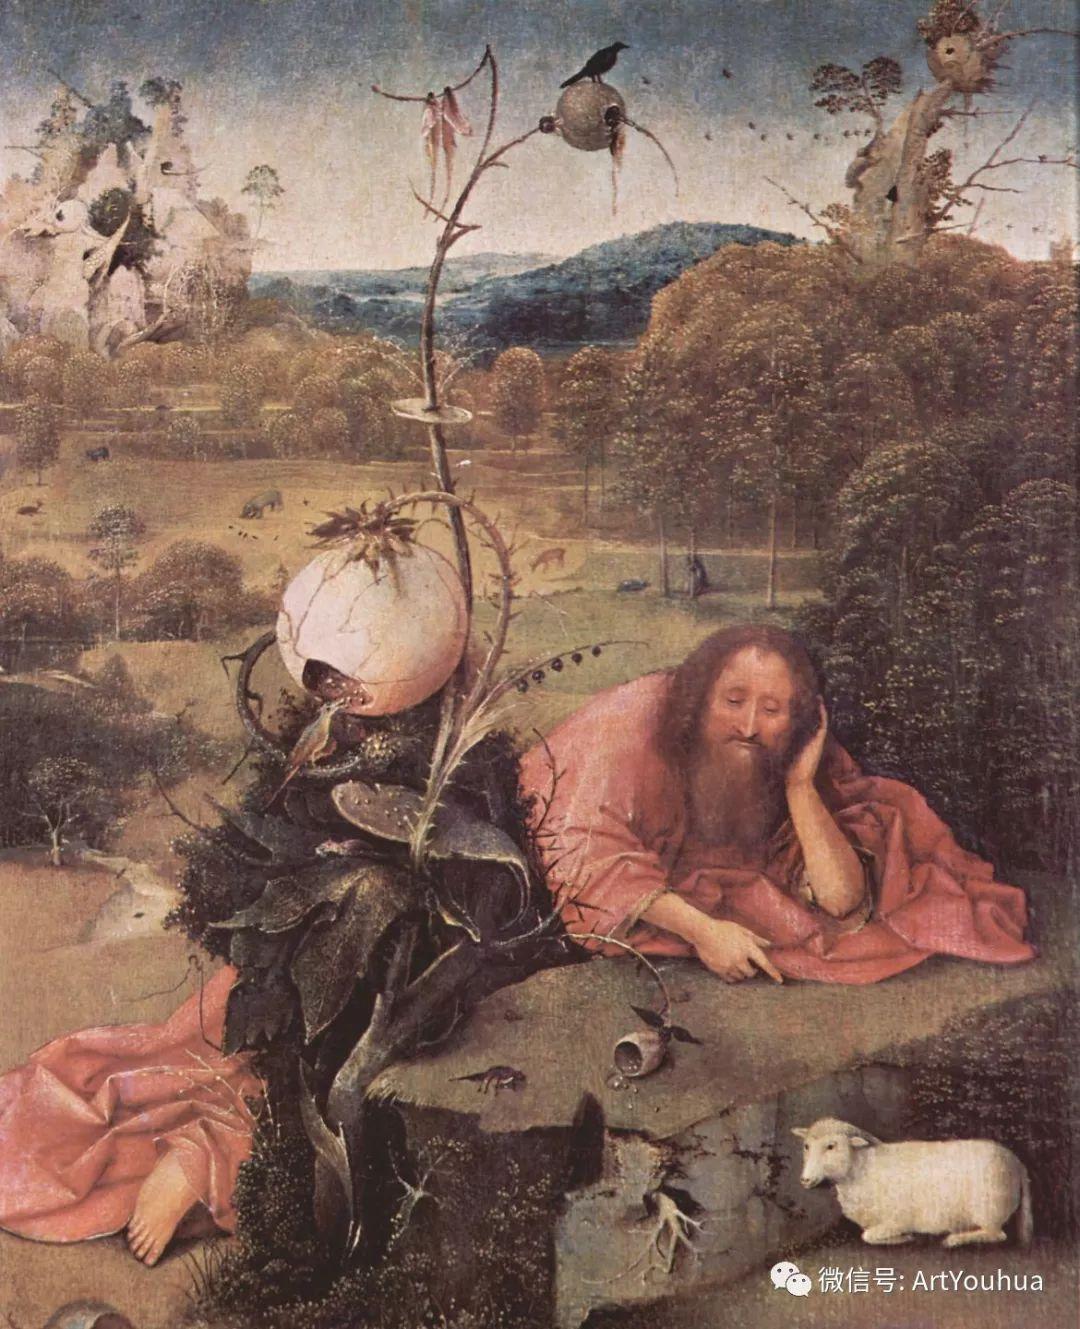 连载No.3 一生要知道的100位世界著名画家之希罗尼穆斯·波希插图30